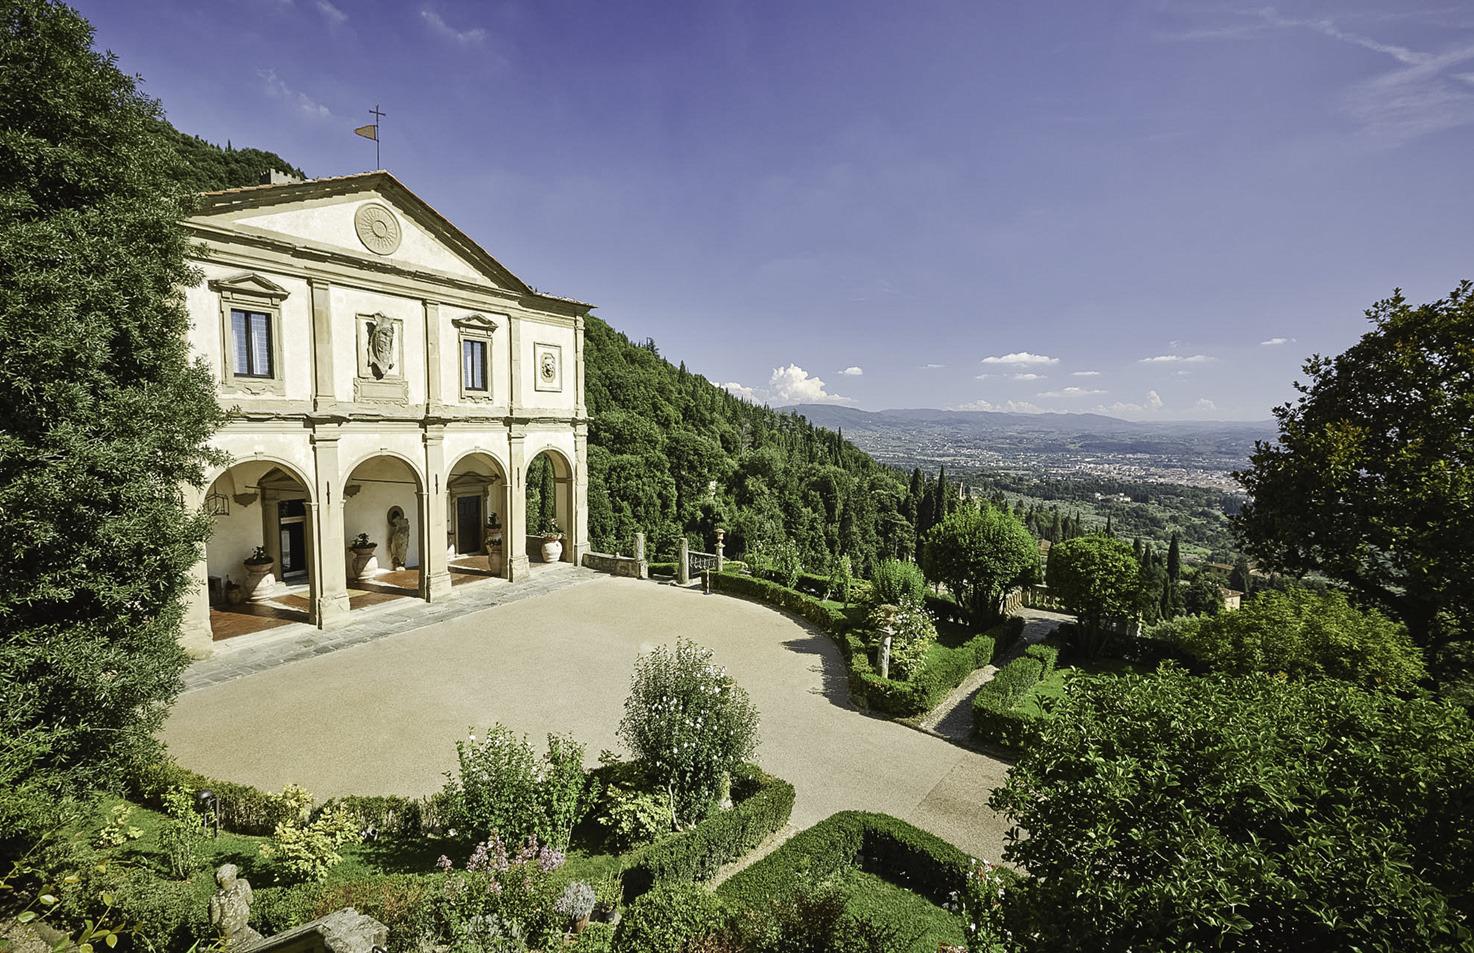 Façade of Villa San Michele